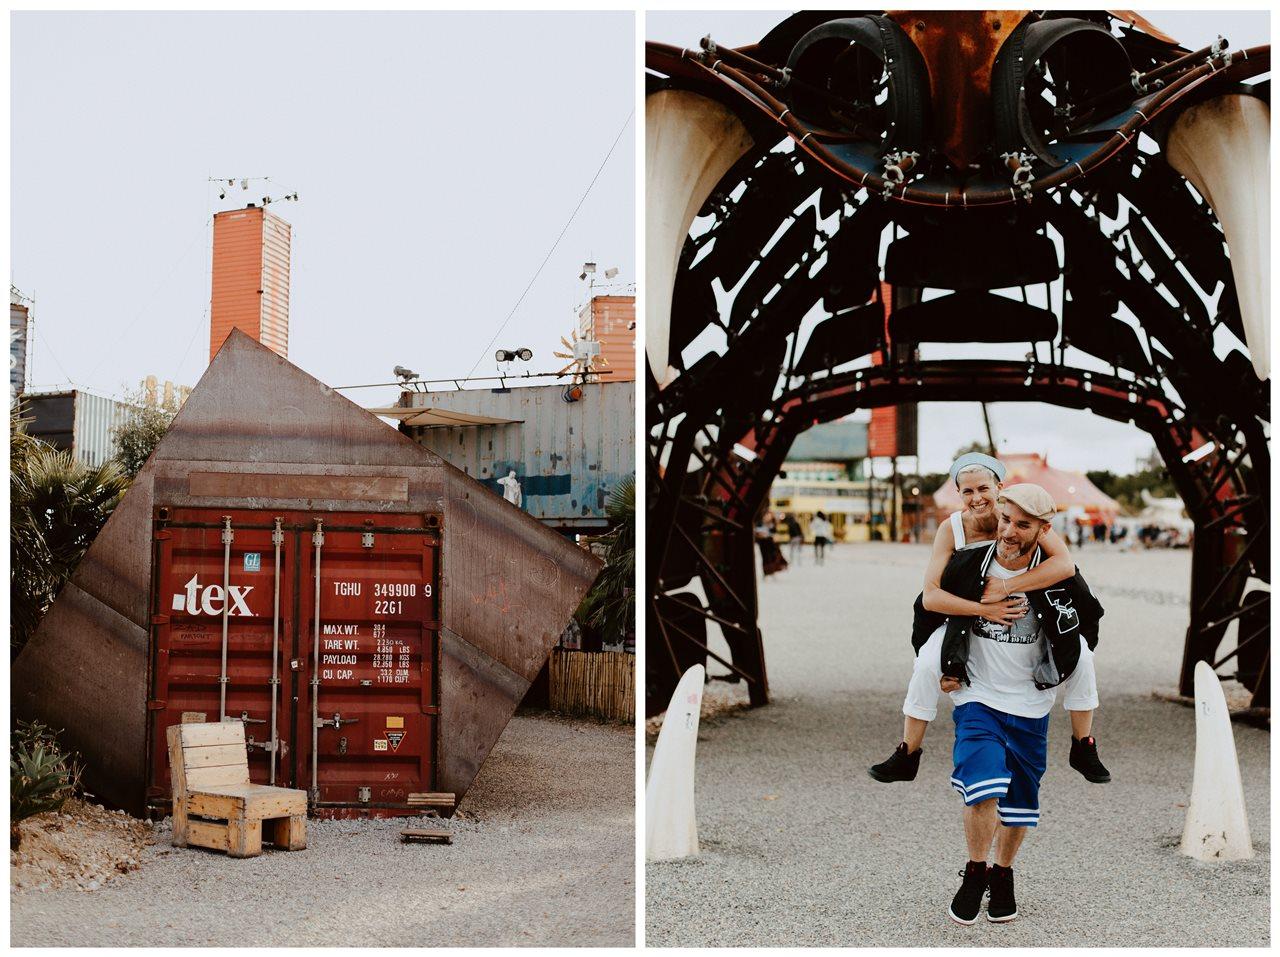 seance couple Nantes Transfert cobra photo amoureux fun et détails lieu